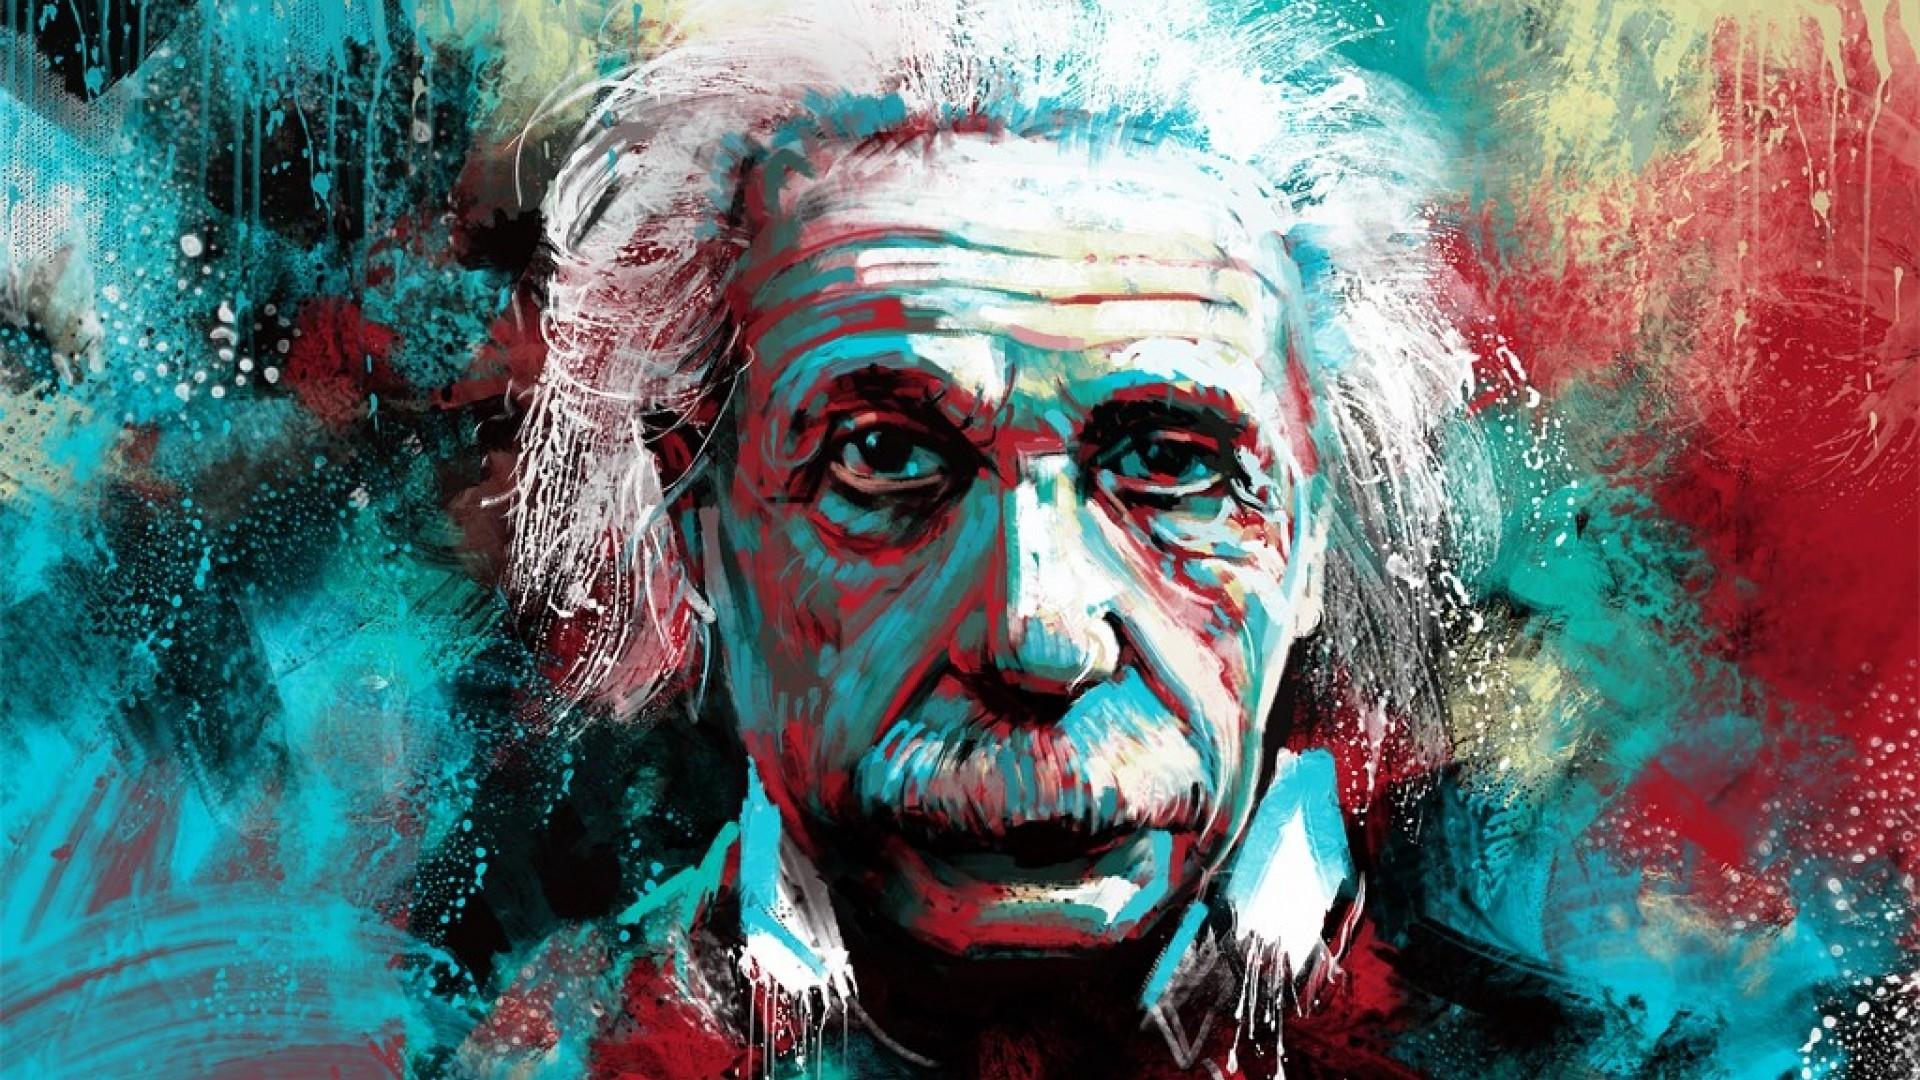 Albert Einstein Good Wallpaper